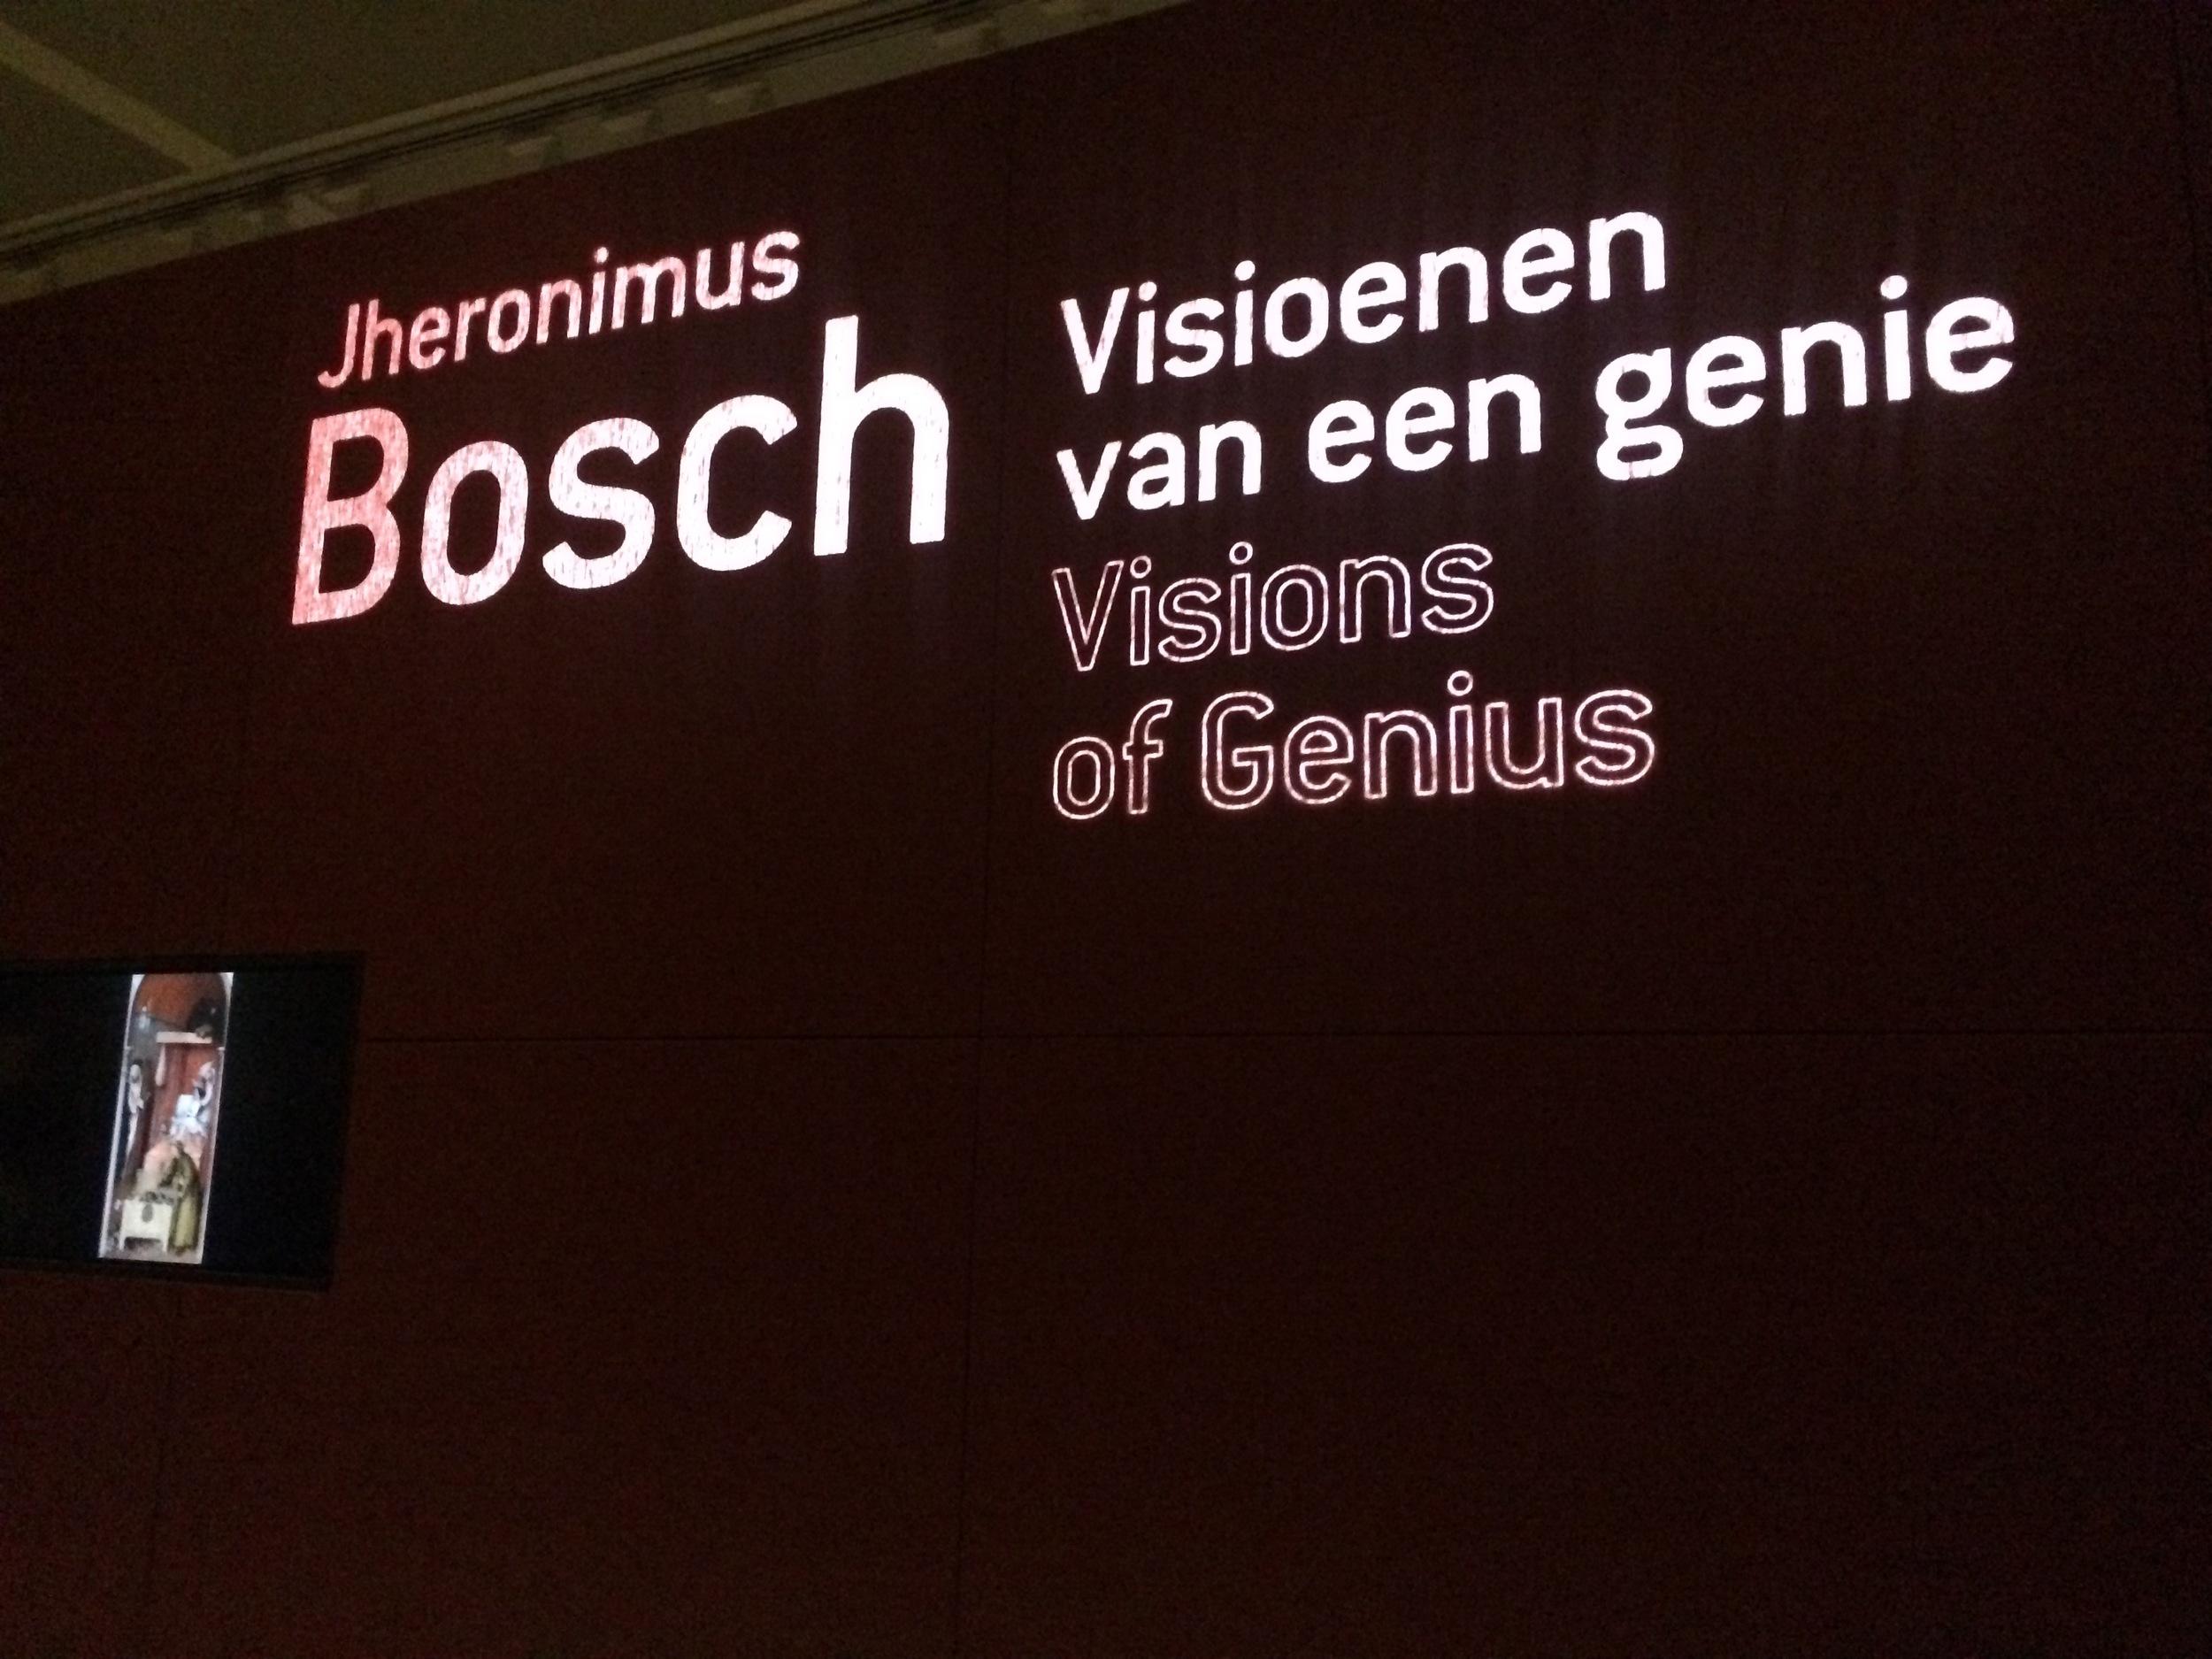 Jheronimus Bosch - visioenen van een genie